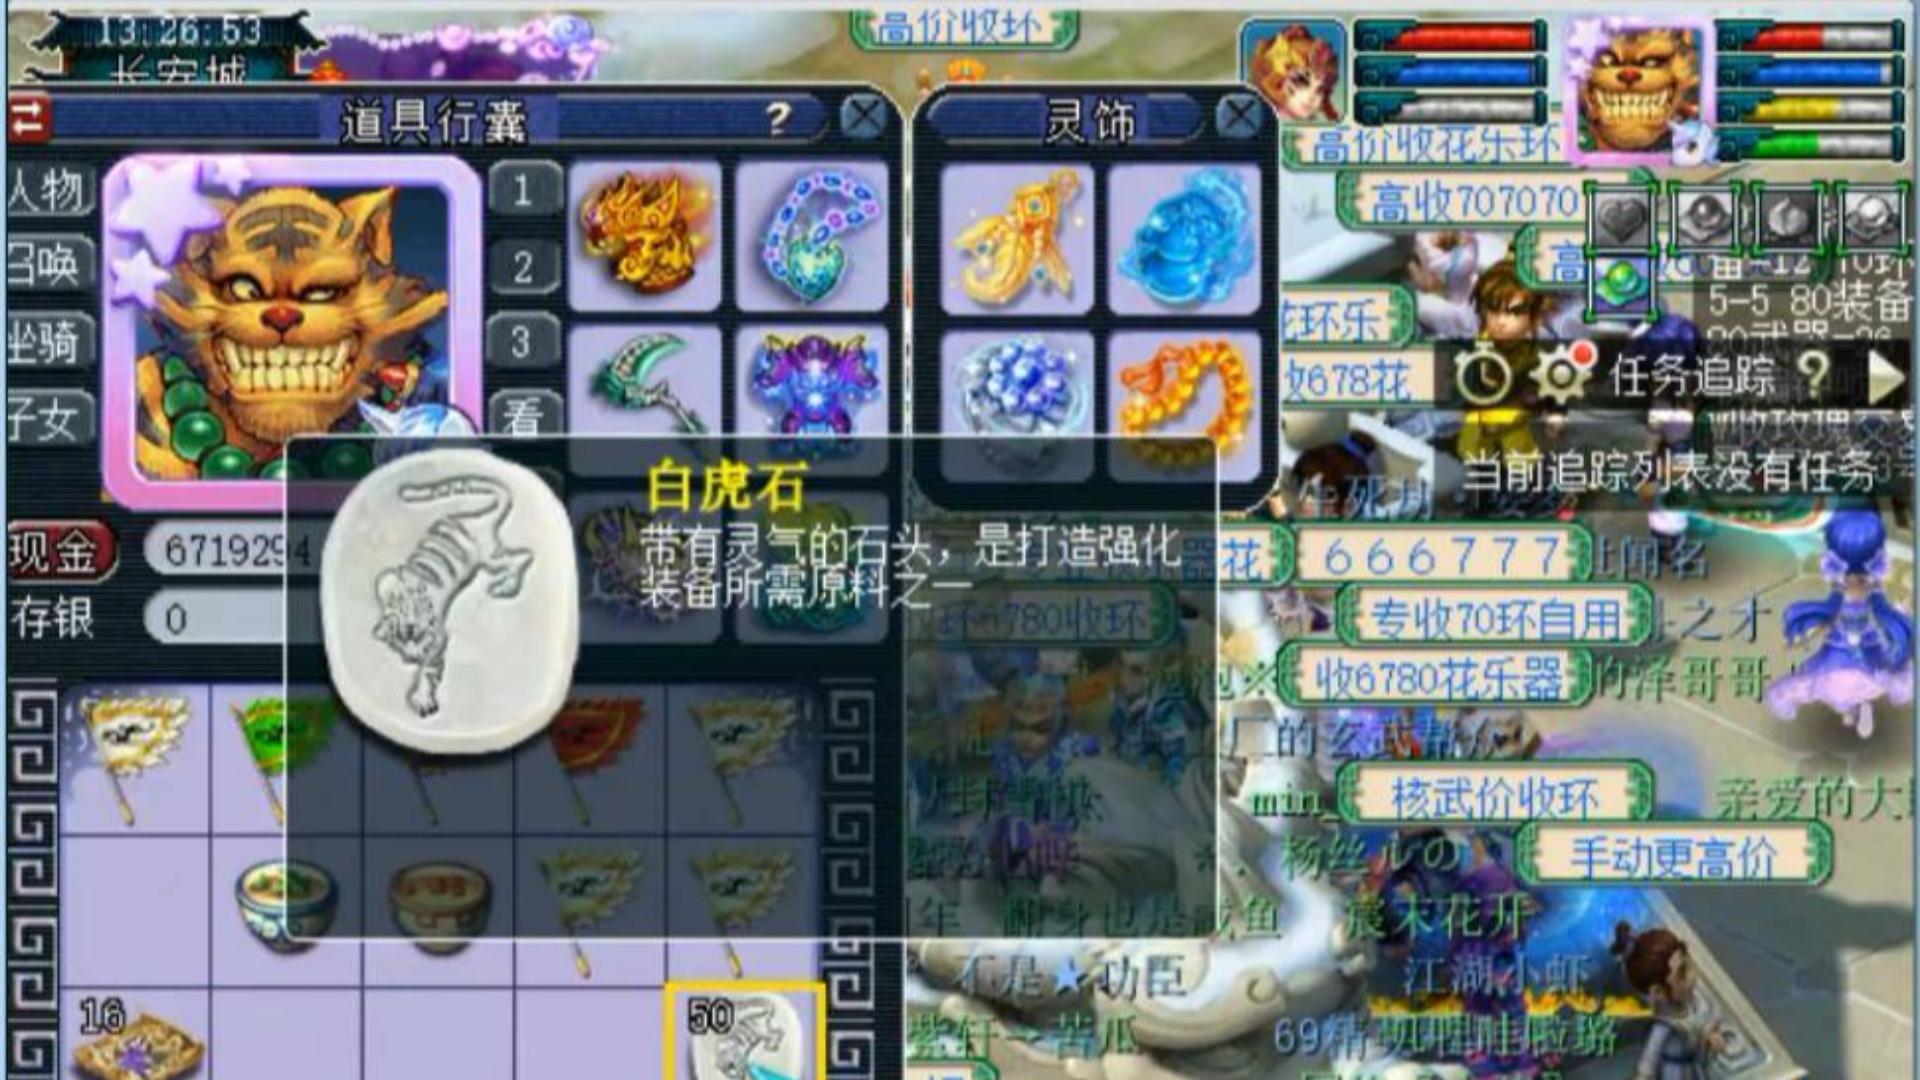 梦幻西游:是什么原因导致神马兽决从40万跌到13万?老王发表看法